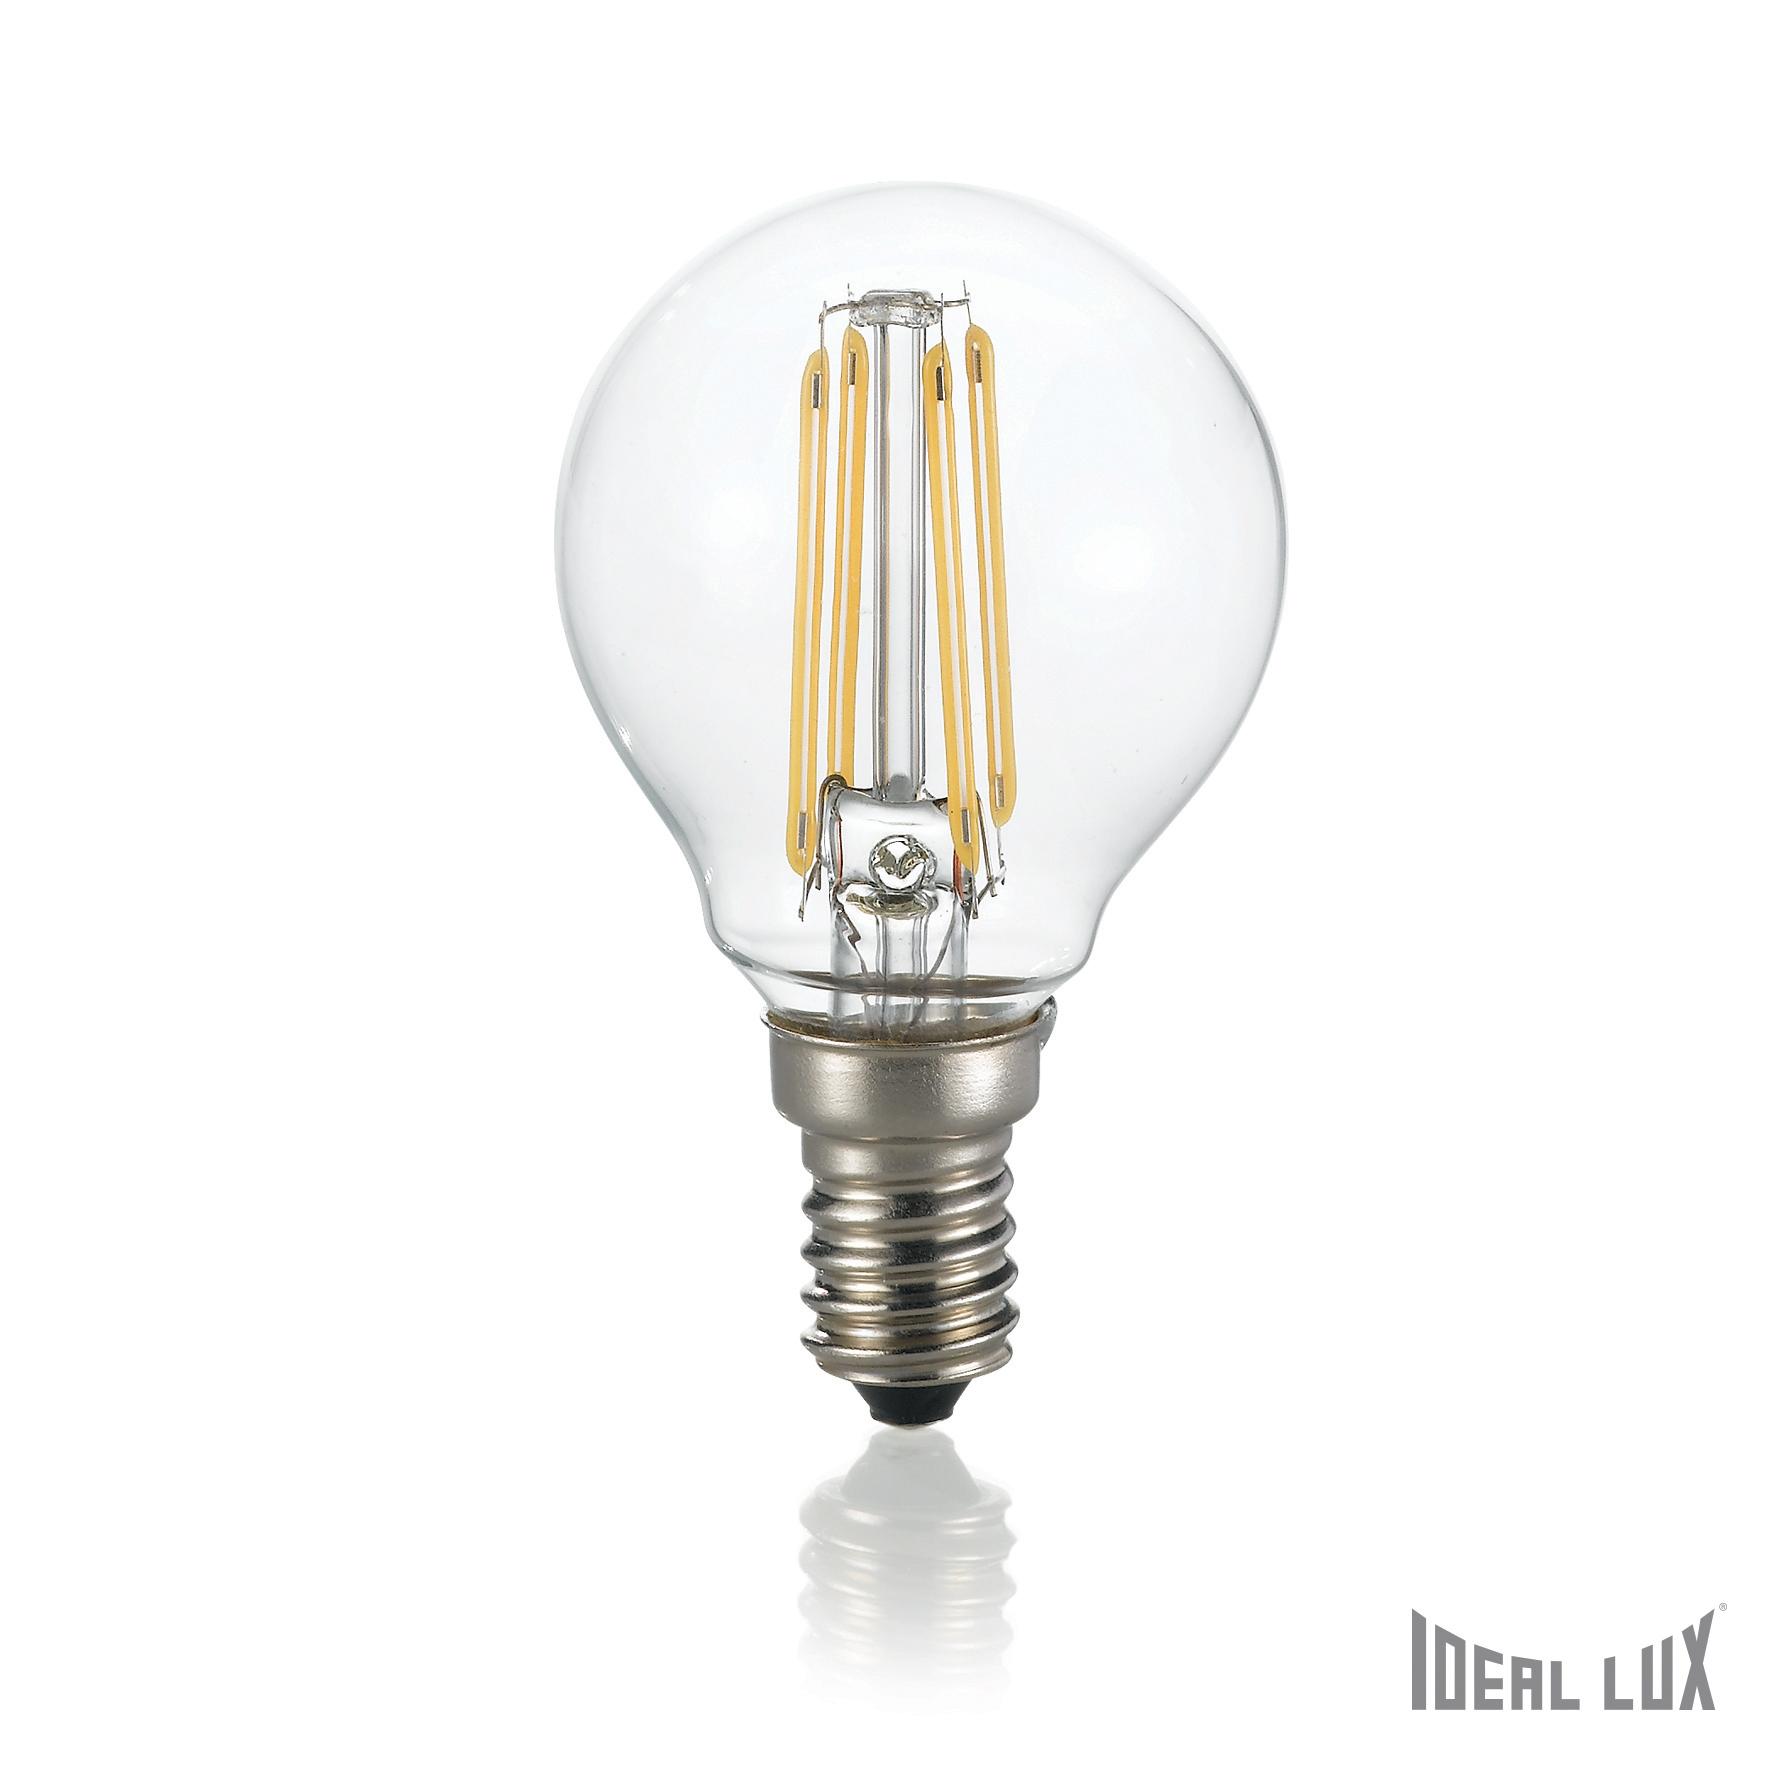 Bec LED E14 Sfera pret reducere pareri